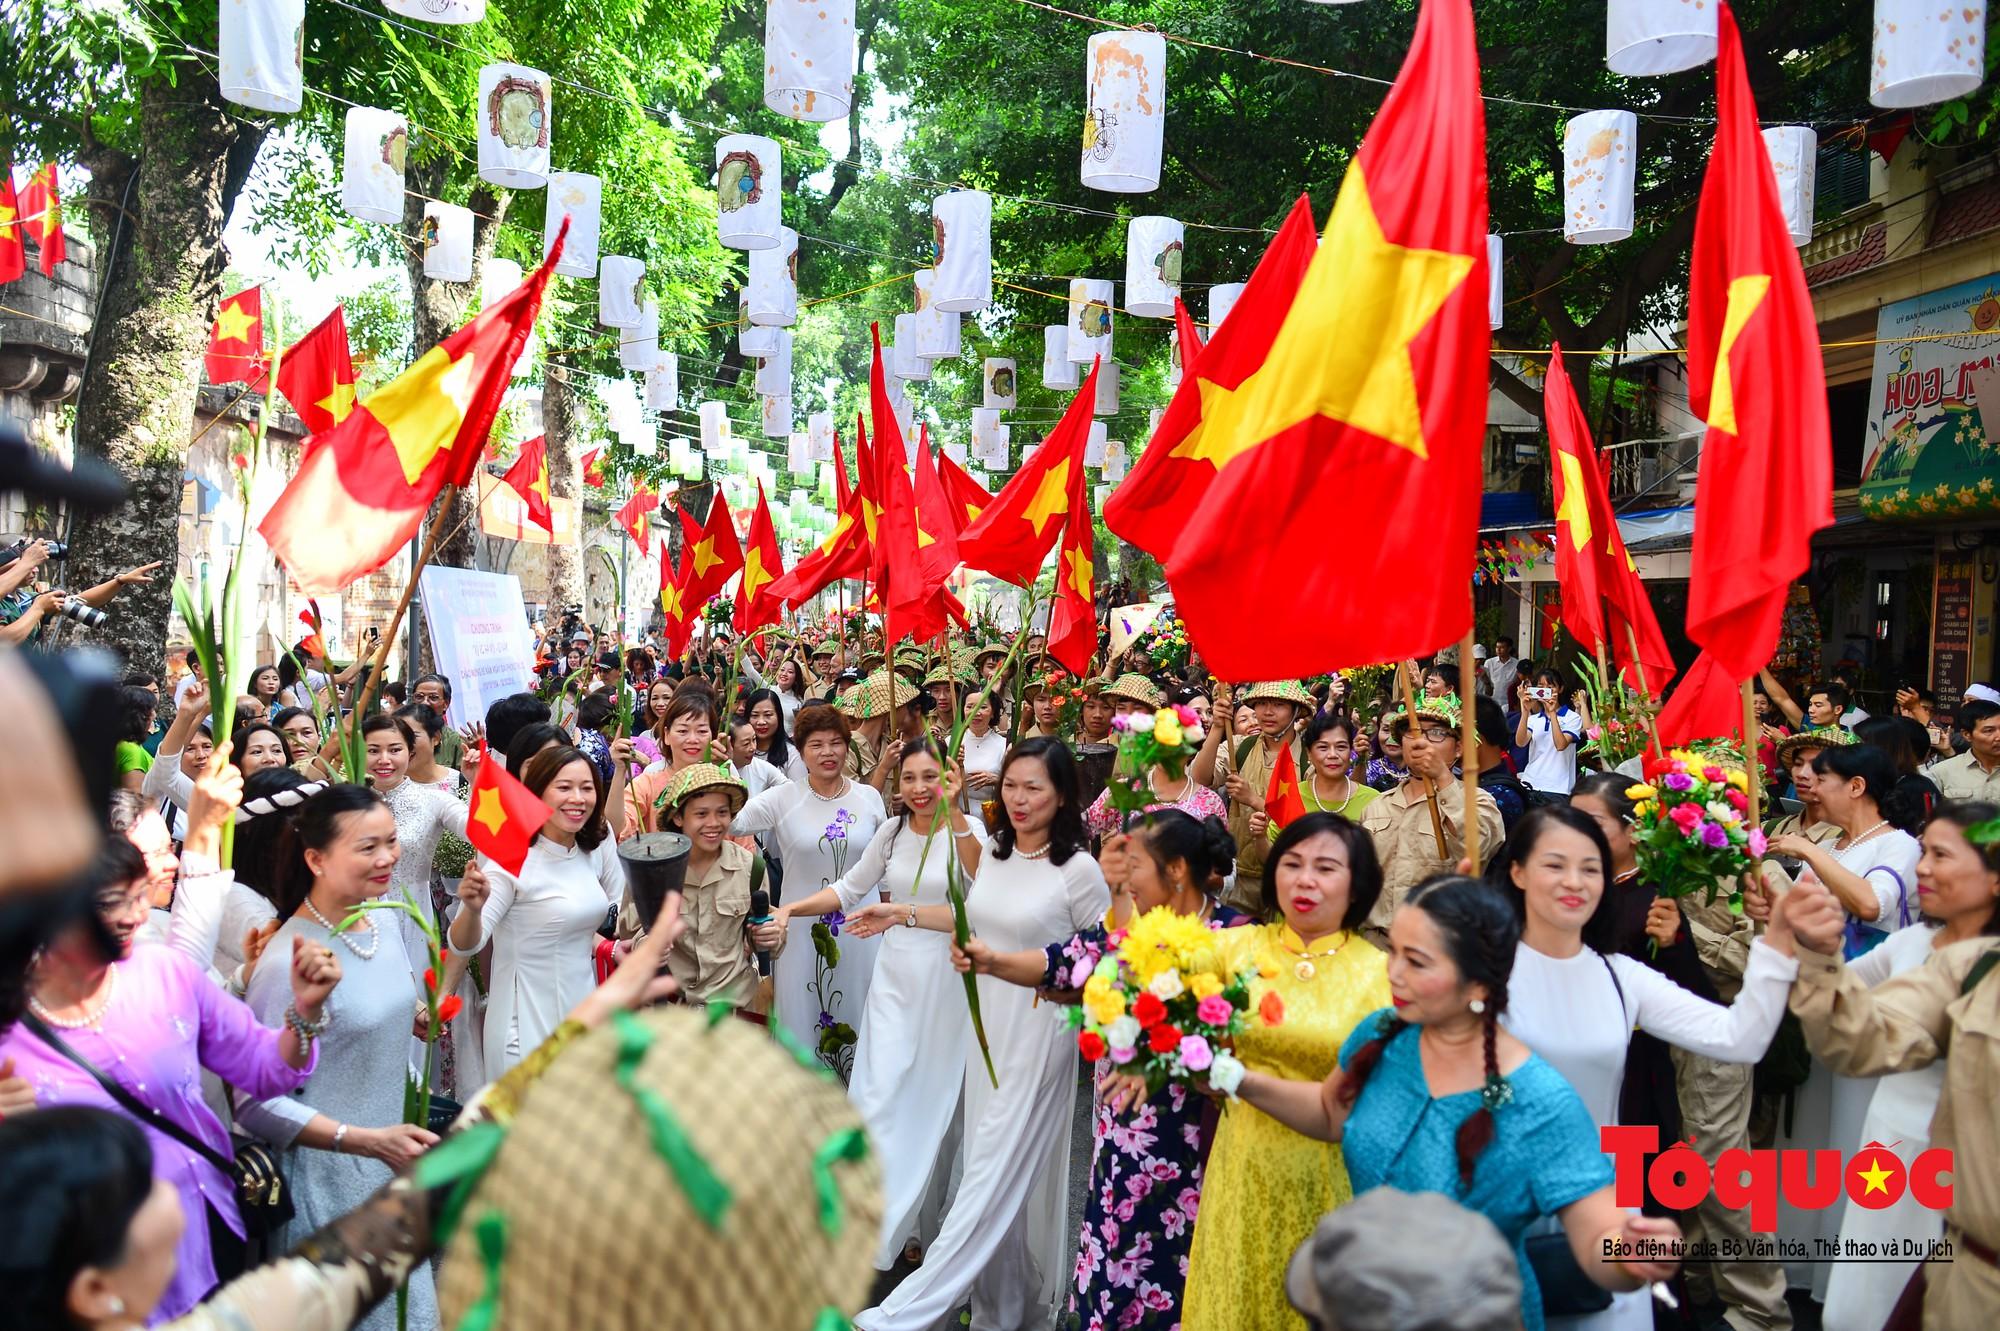 Tái hiện ký ức hào hùng đoàn quân chiến thắng trở về tiếp quản thủ đô Hà Nội 65 năm trước 11